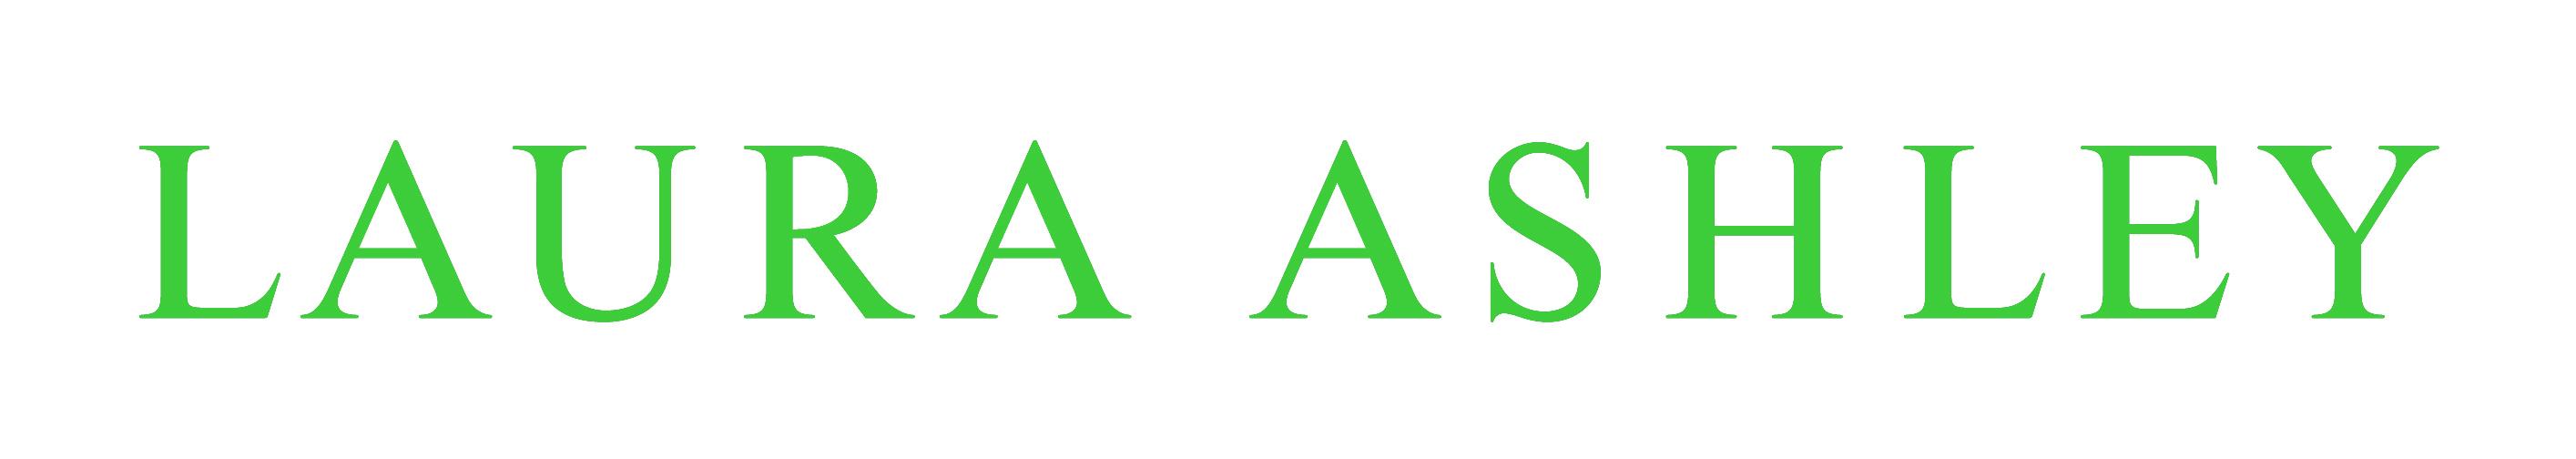 Laura Ashley, Inc.